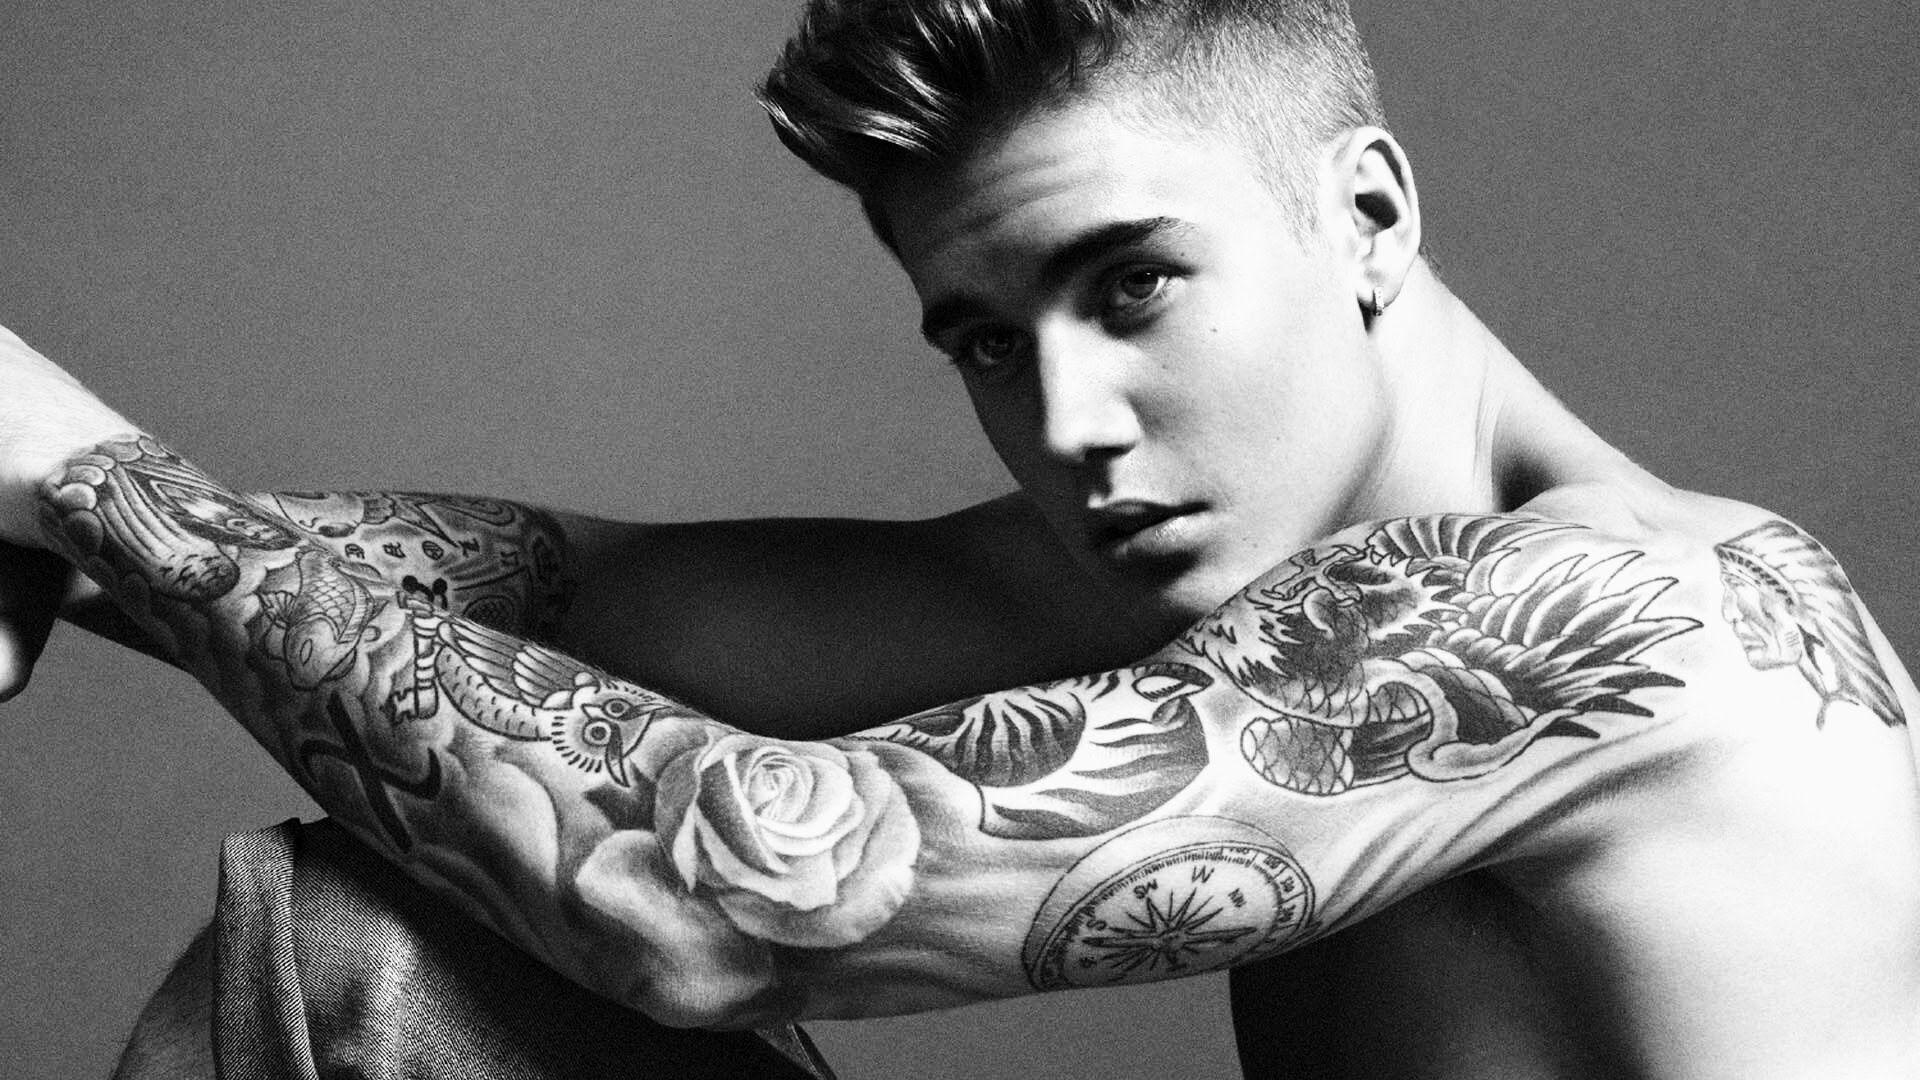 Justin Bieber all tatt...